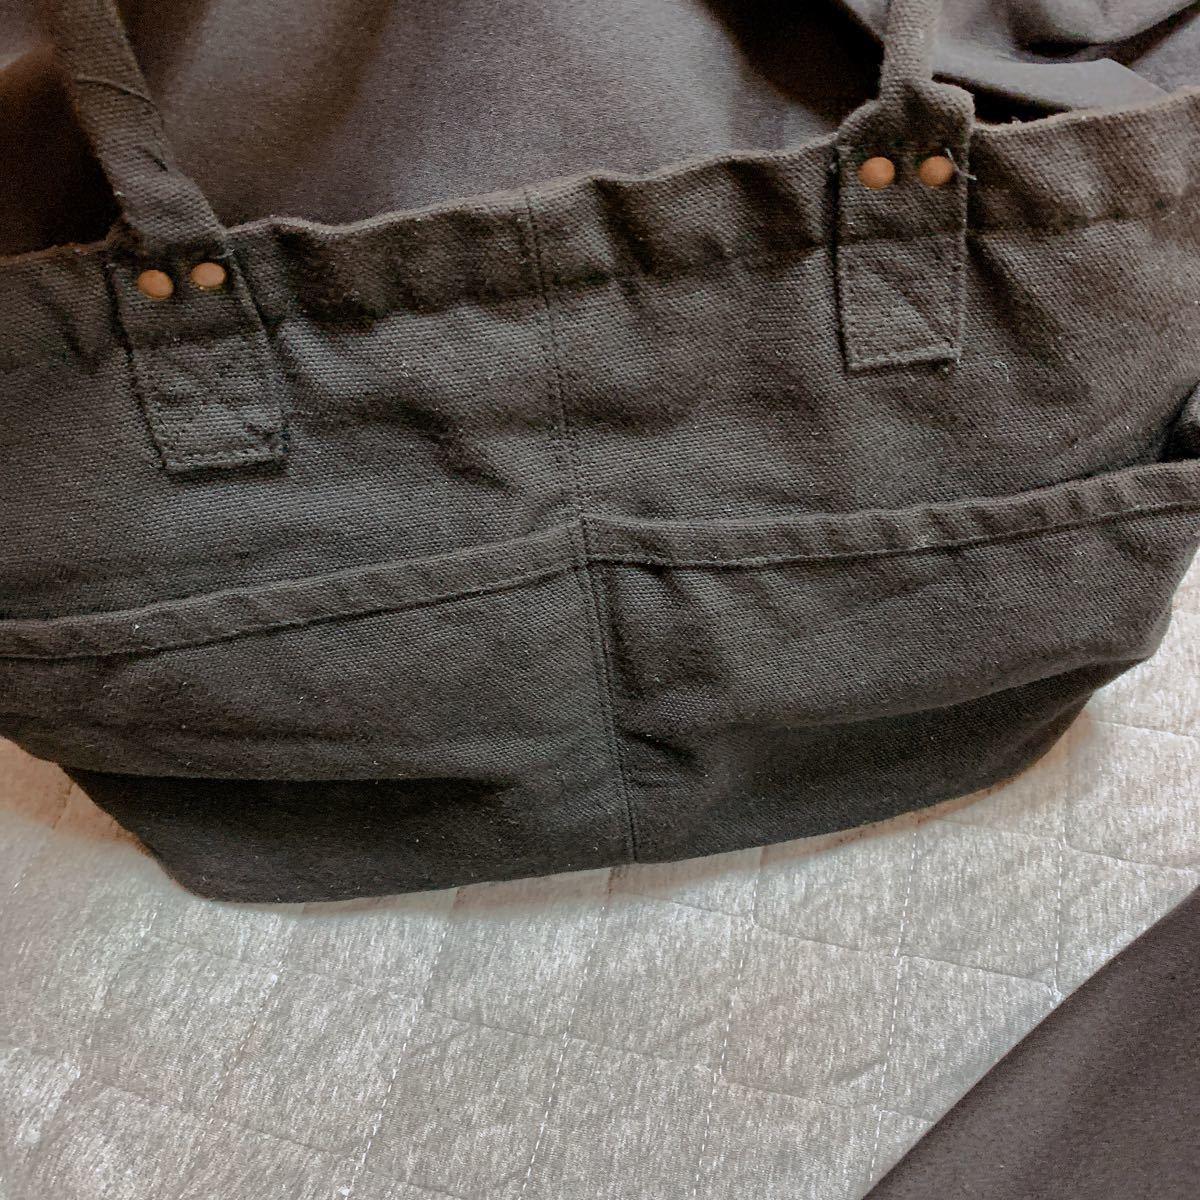 マザーズバッグ トートバッグ ポケット 多機能バッグ 大容量